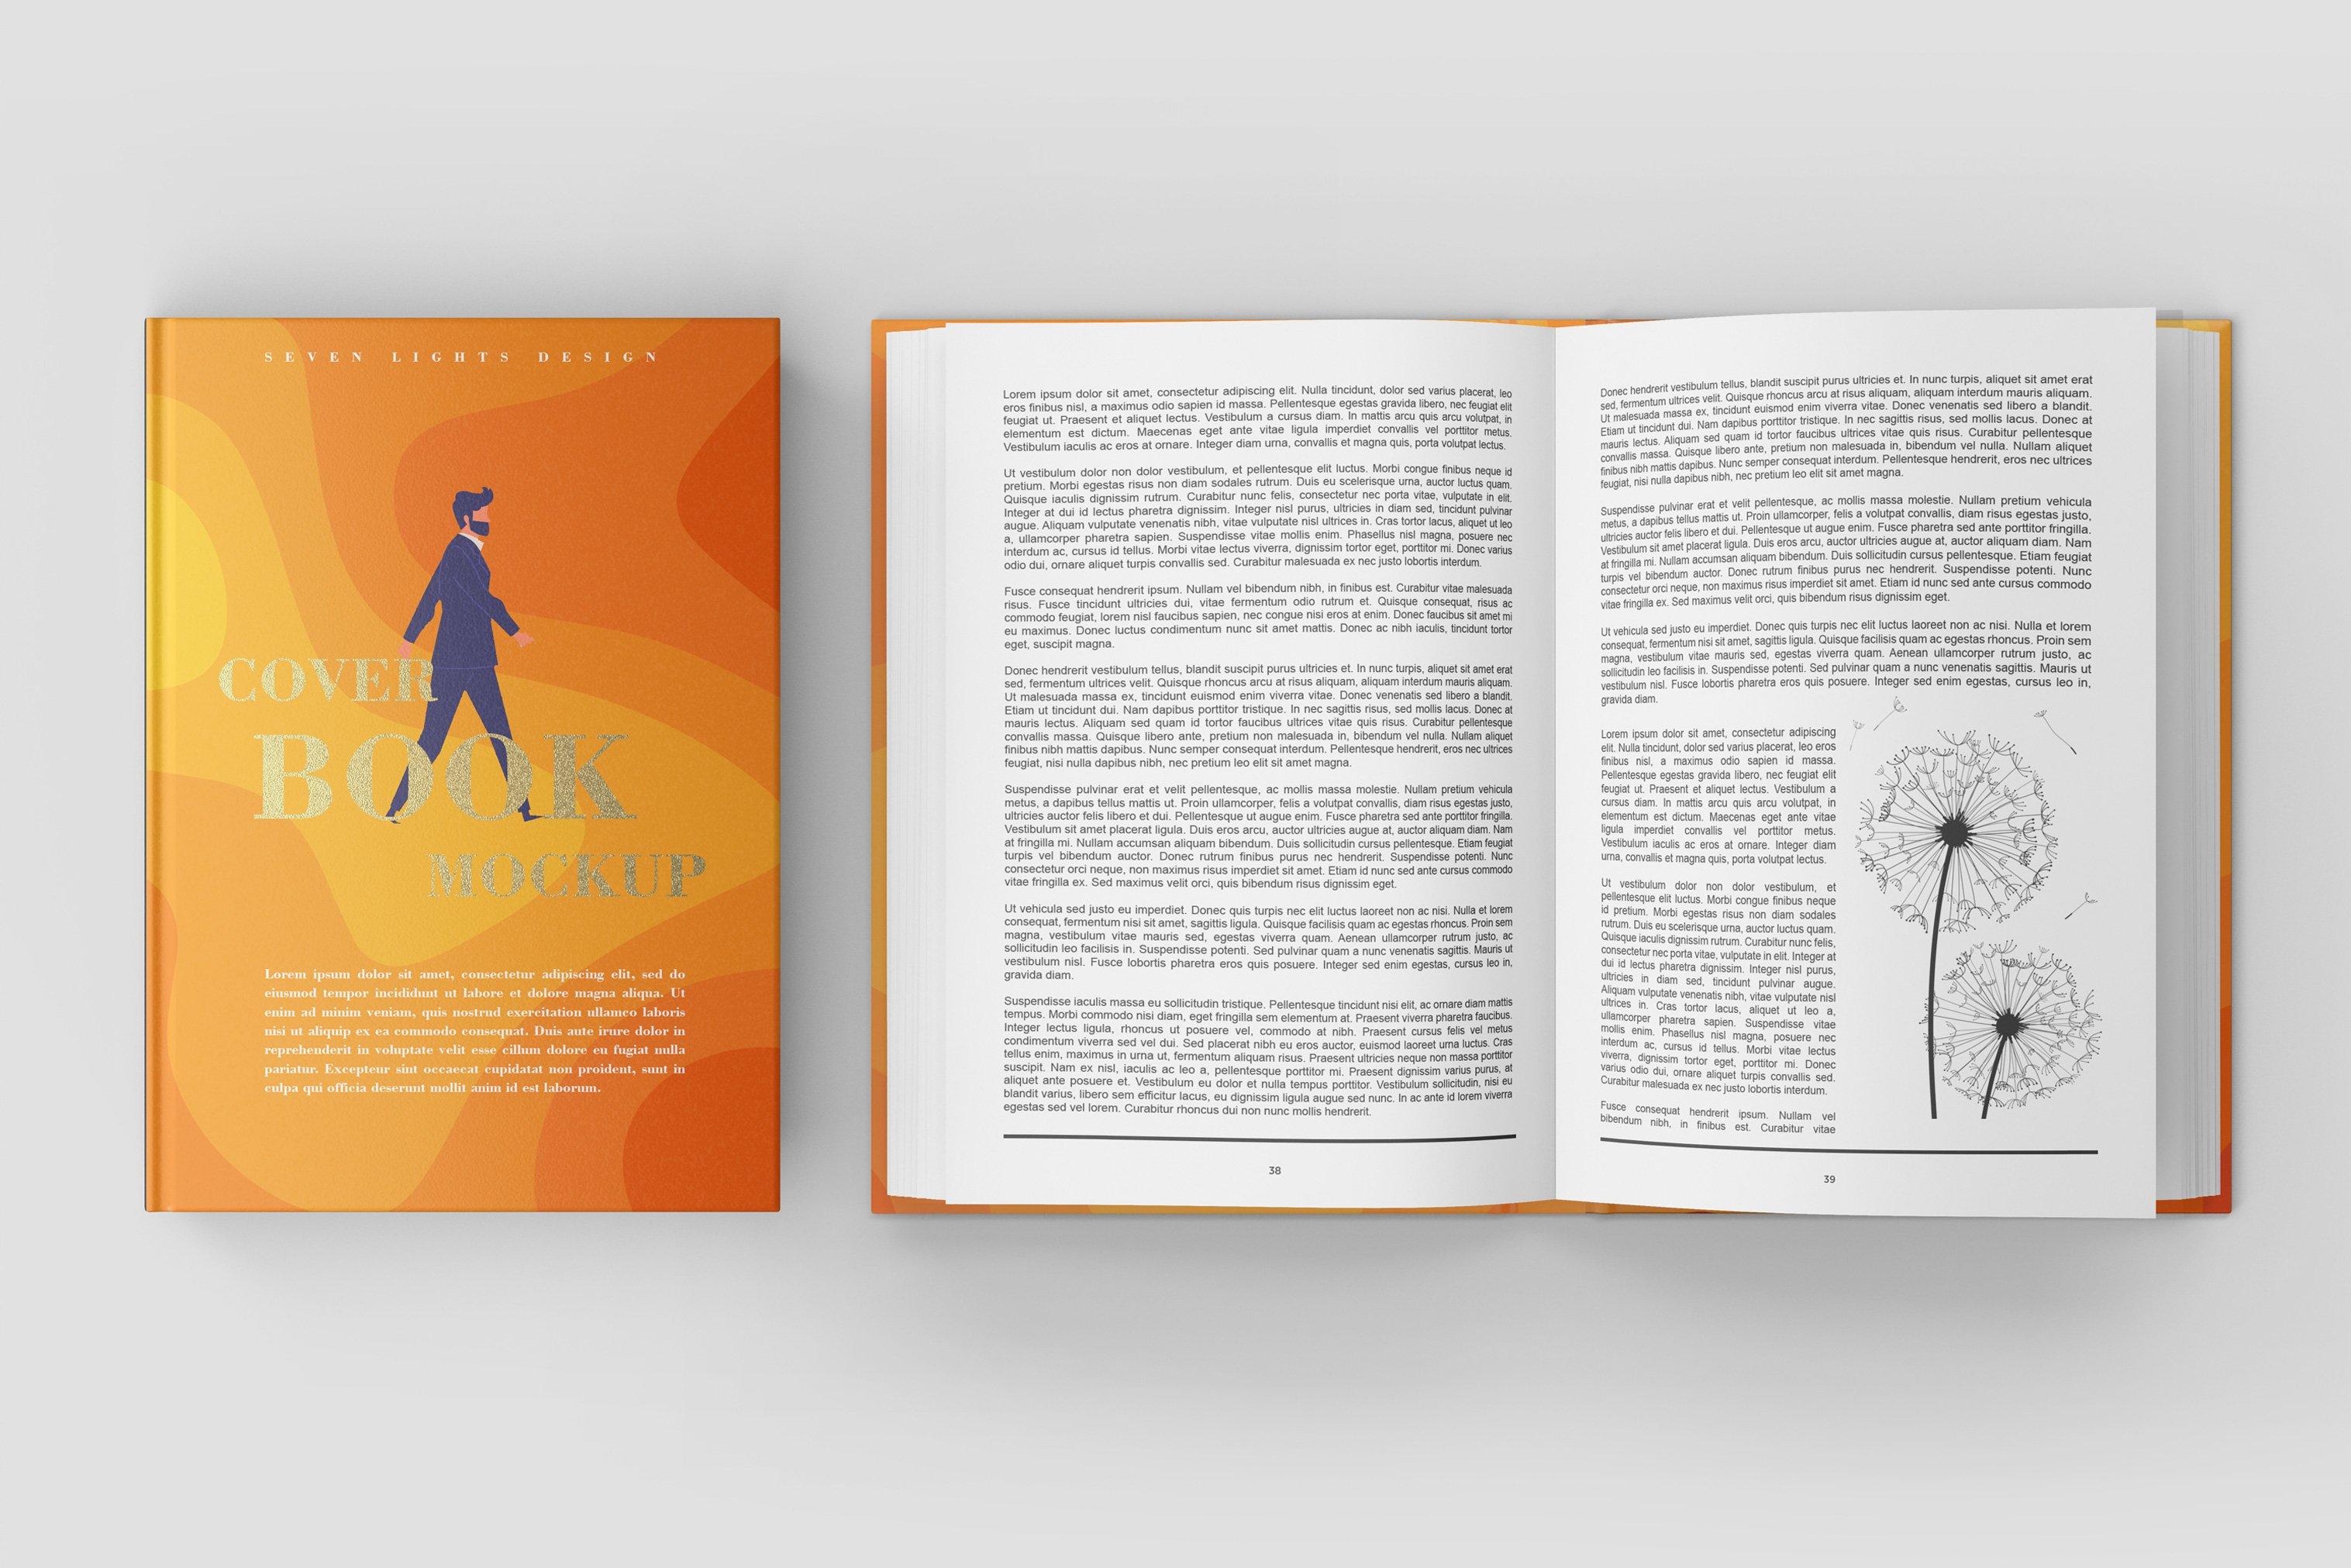 7款精装书封面设计展示样机模板集 Book Cover Mockup Set插图(8)